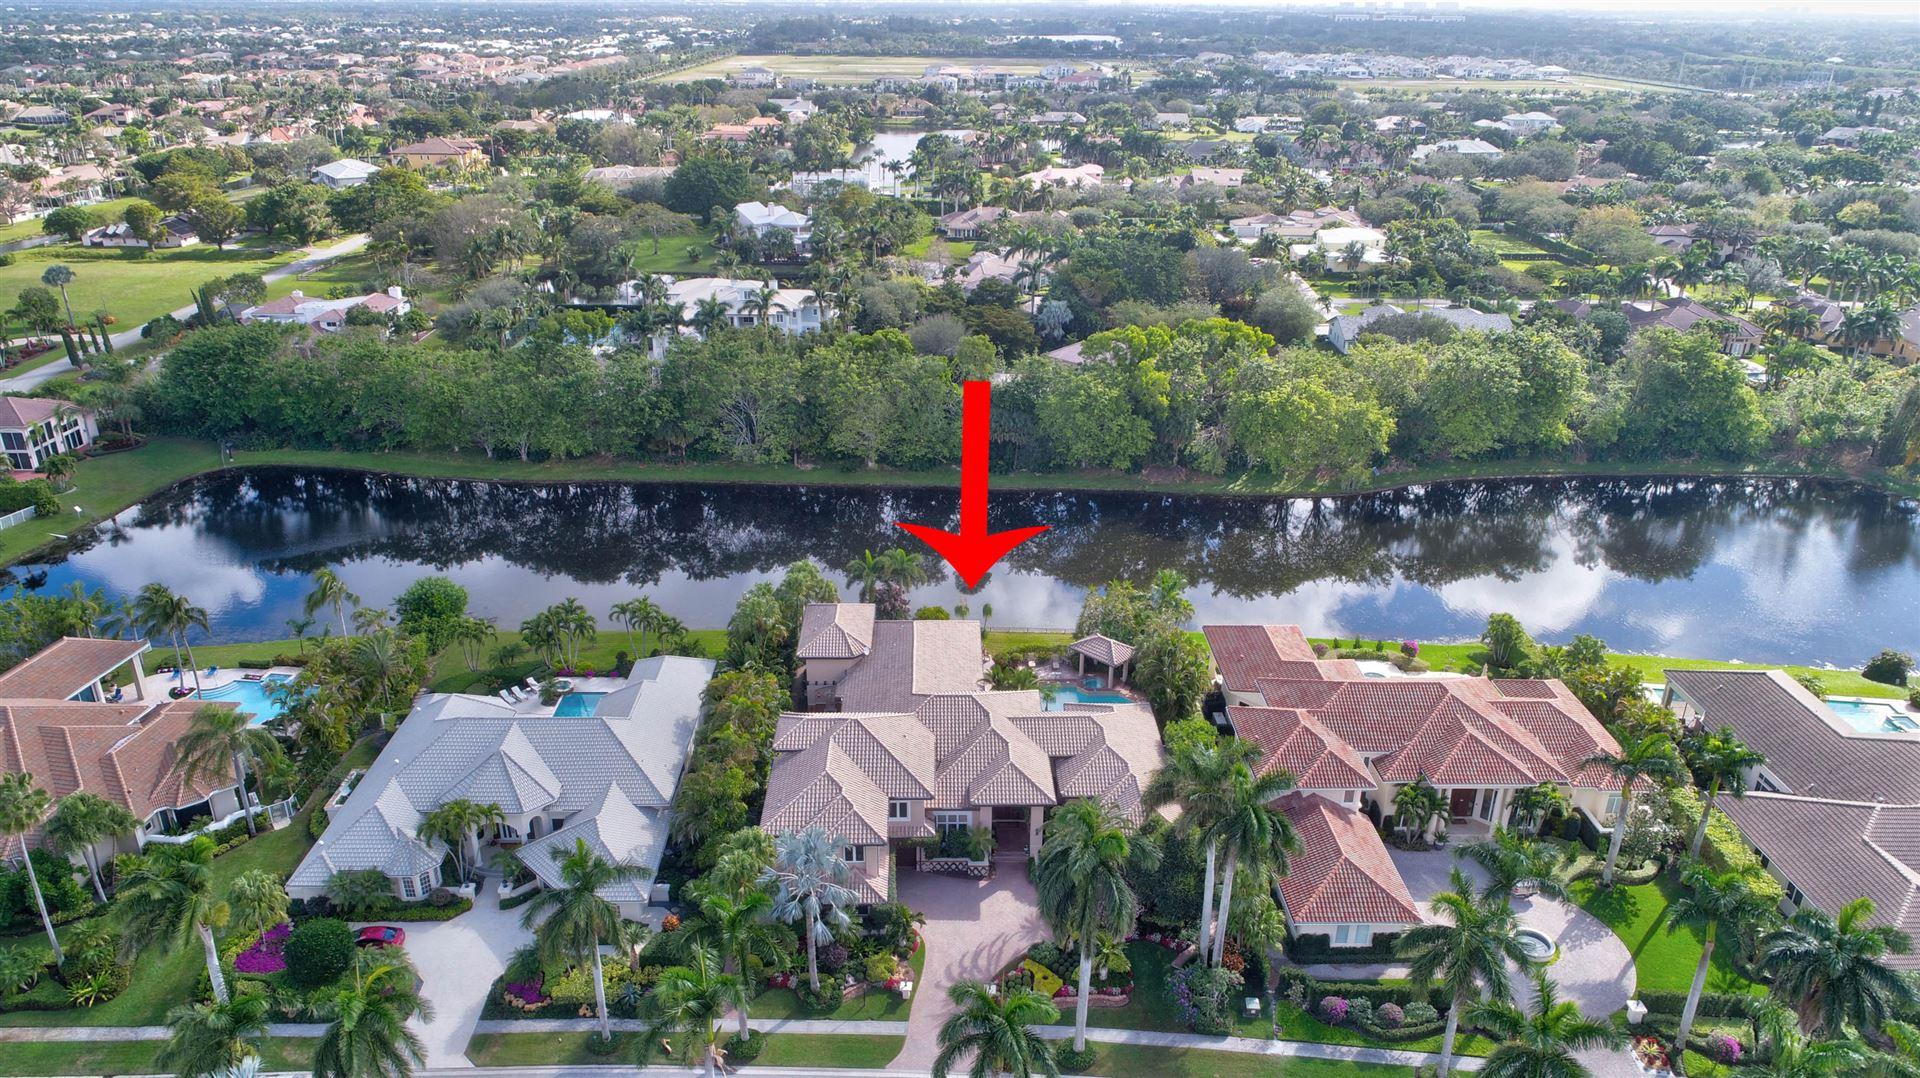 Photo of 17664 Lake Estates Drive, Boca Raton, FL 33496 (MLS # RX-10583442)